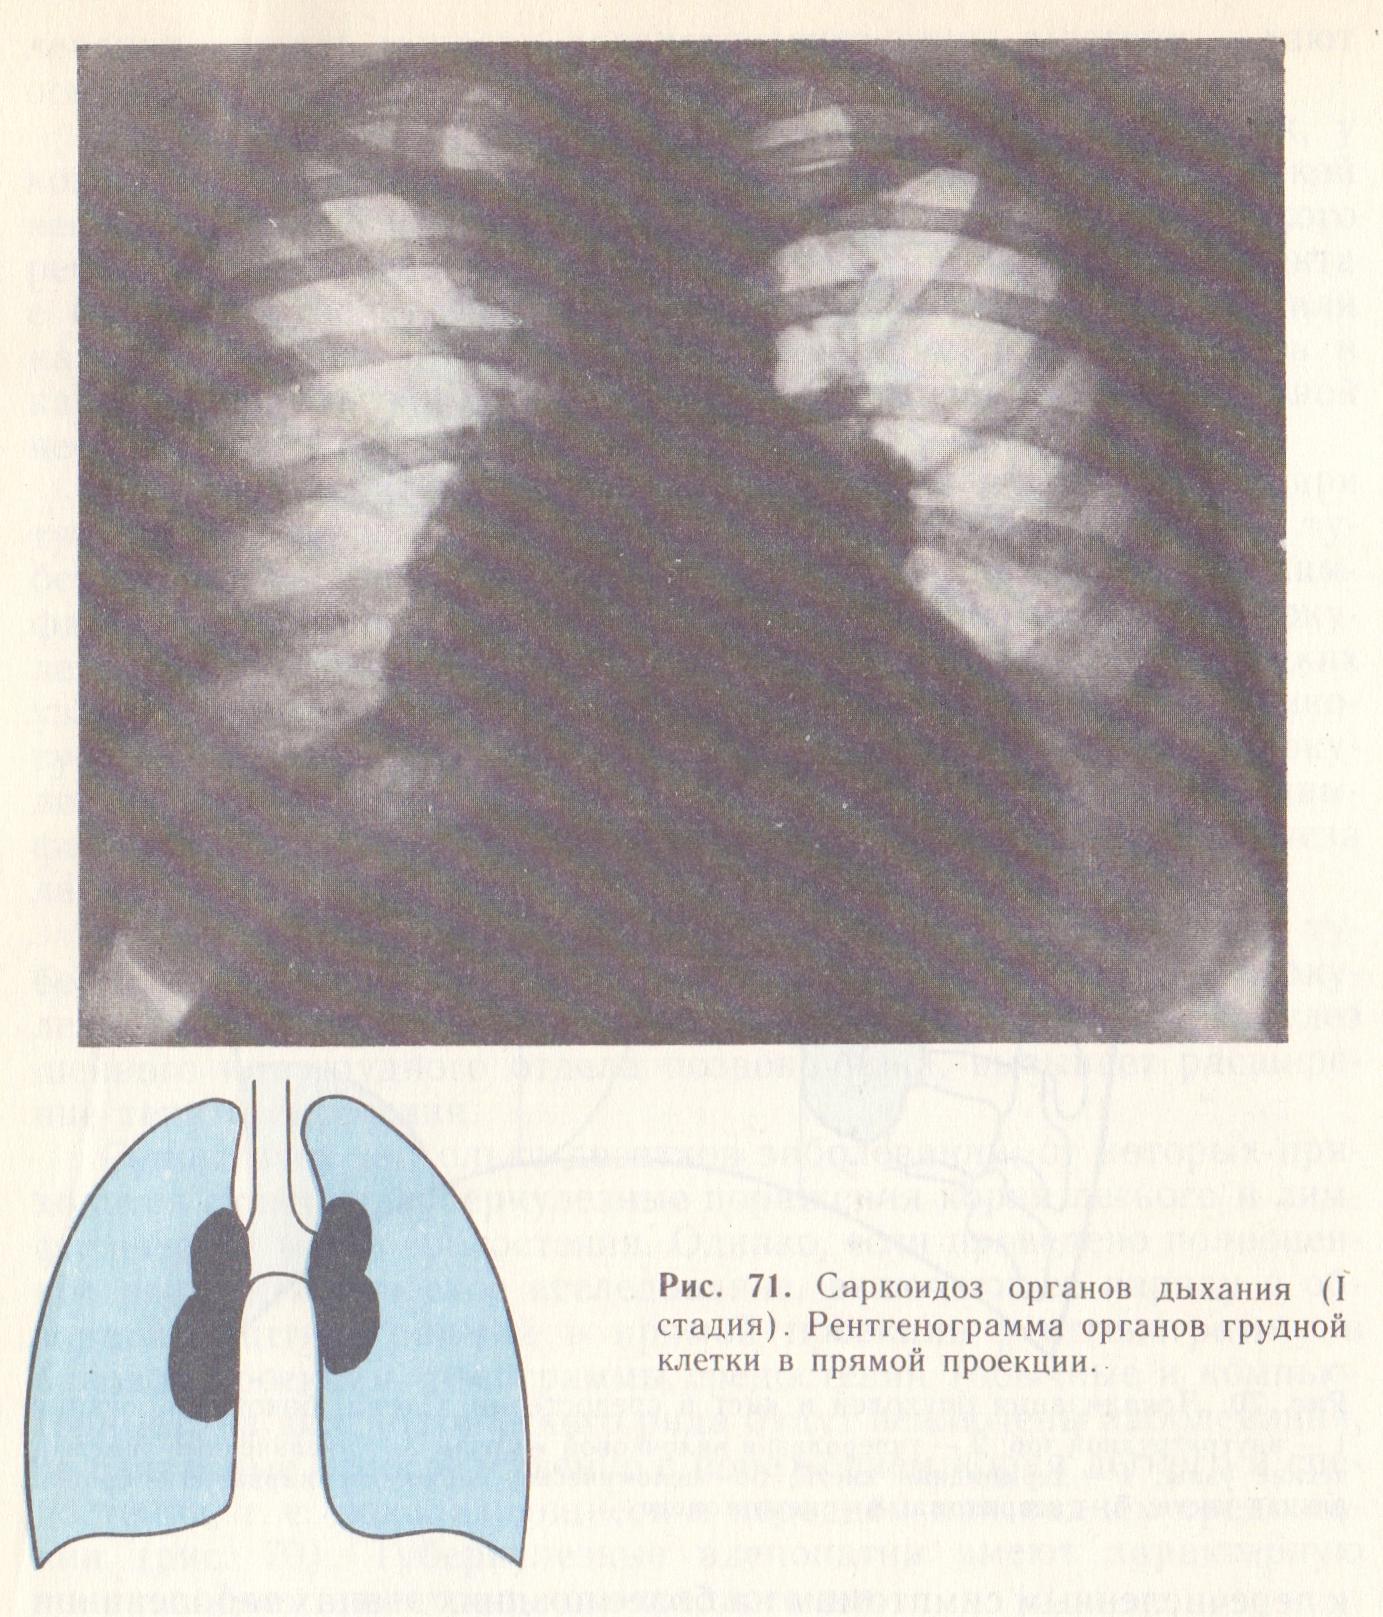 Все о медиастинальной лимфаденопатии средостения лёгких